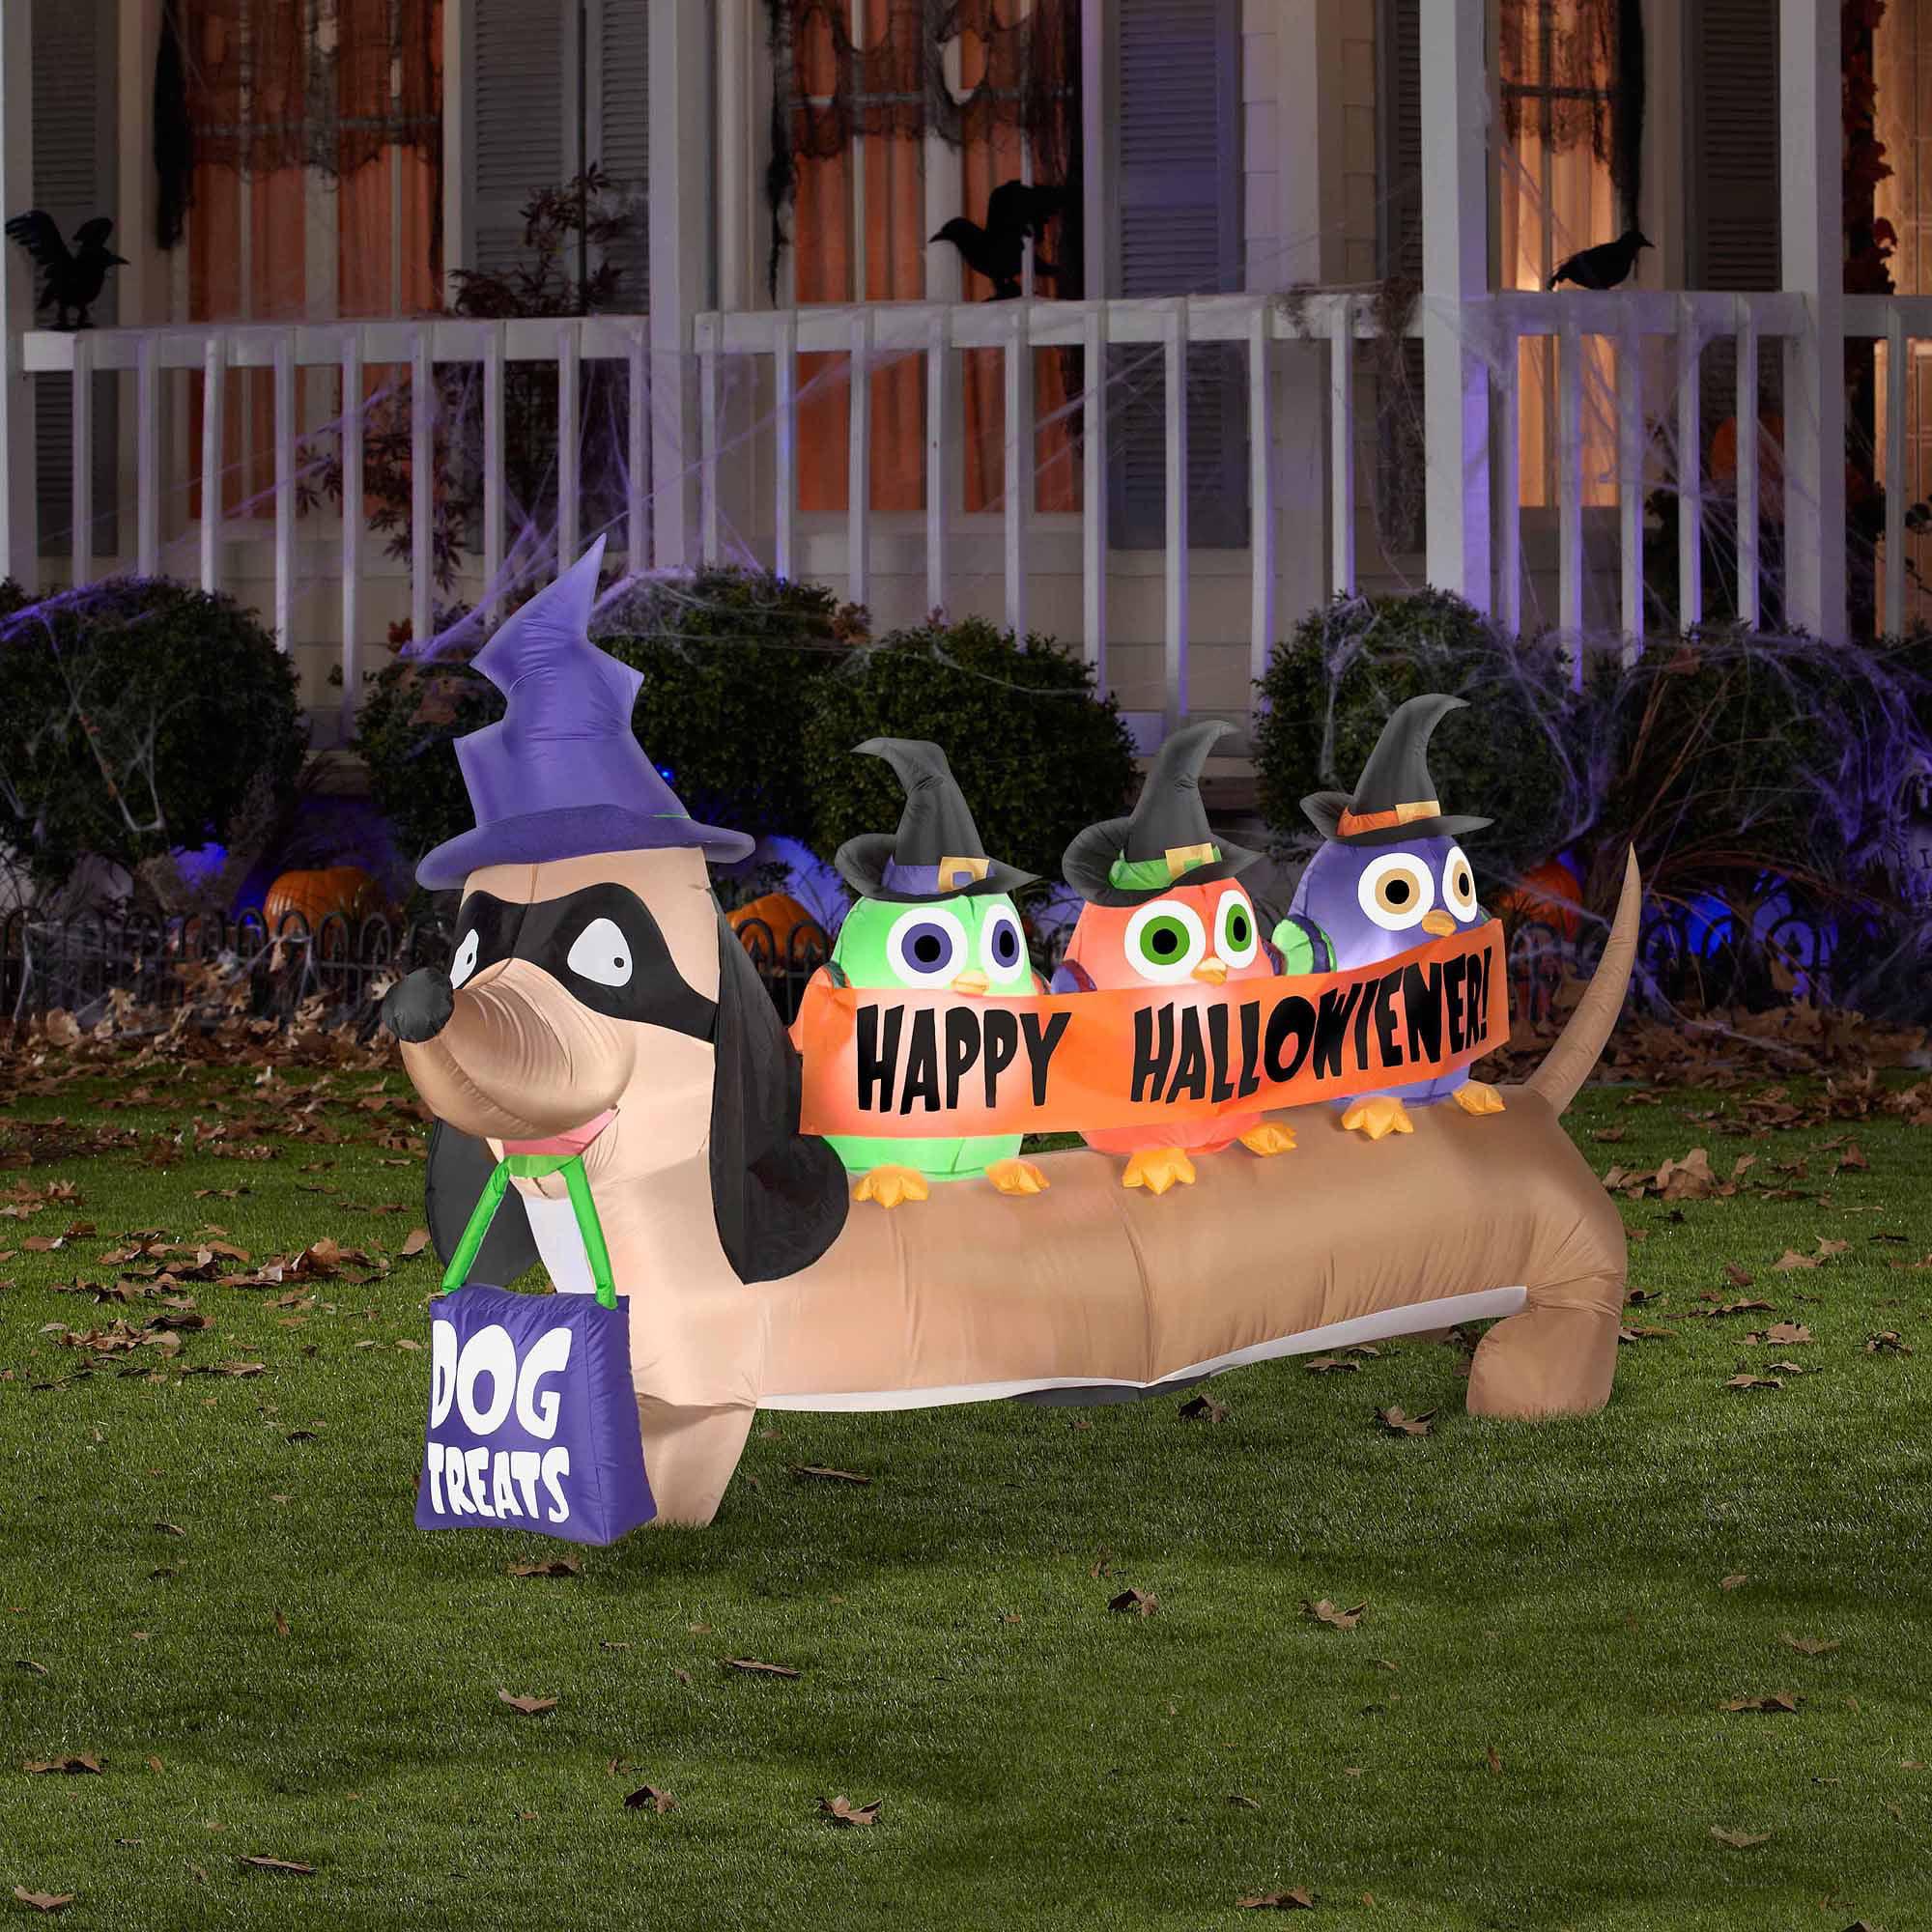 4' Airblown Inflatables Halloweiner Dog Halloween Decoration